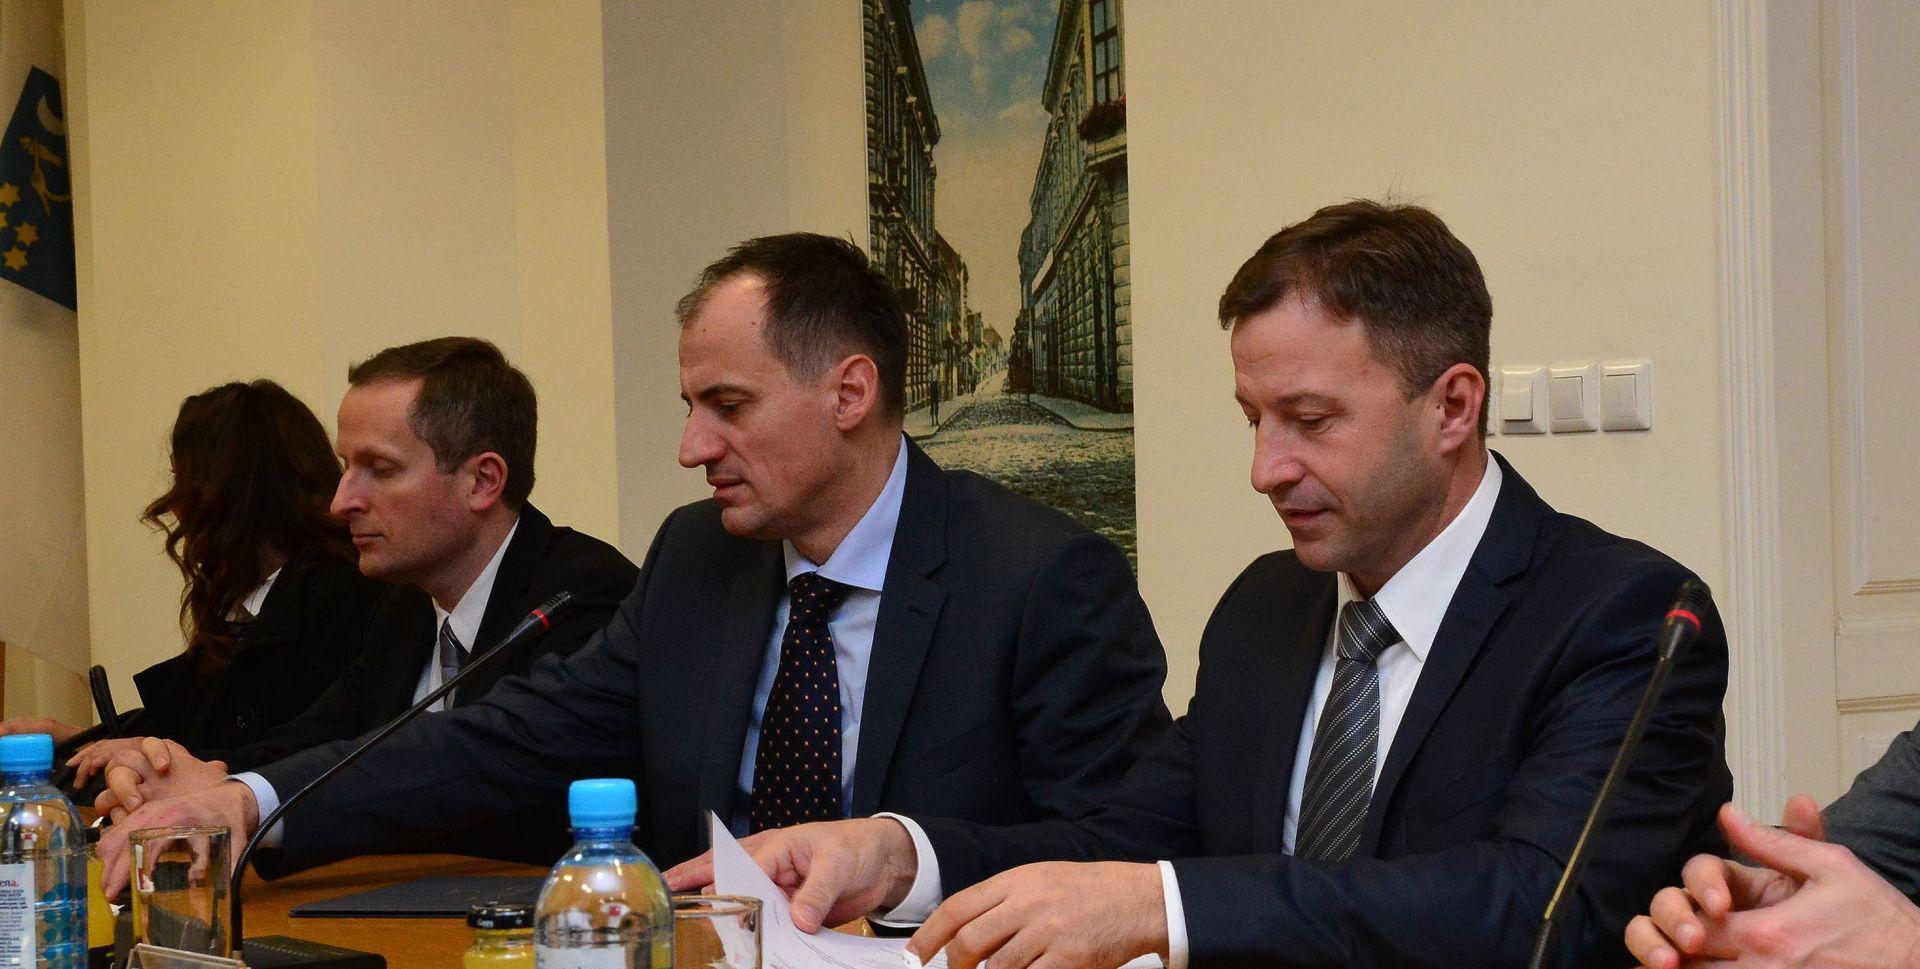 MOGUĆE ZATVARANJE NAFTOVODA: Trojica ministara u Slavonskome Brodu zbog onečišćenja zraka